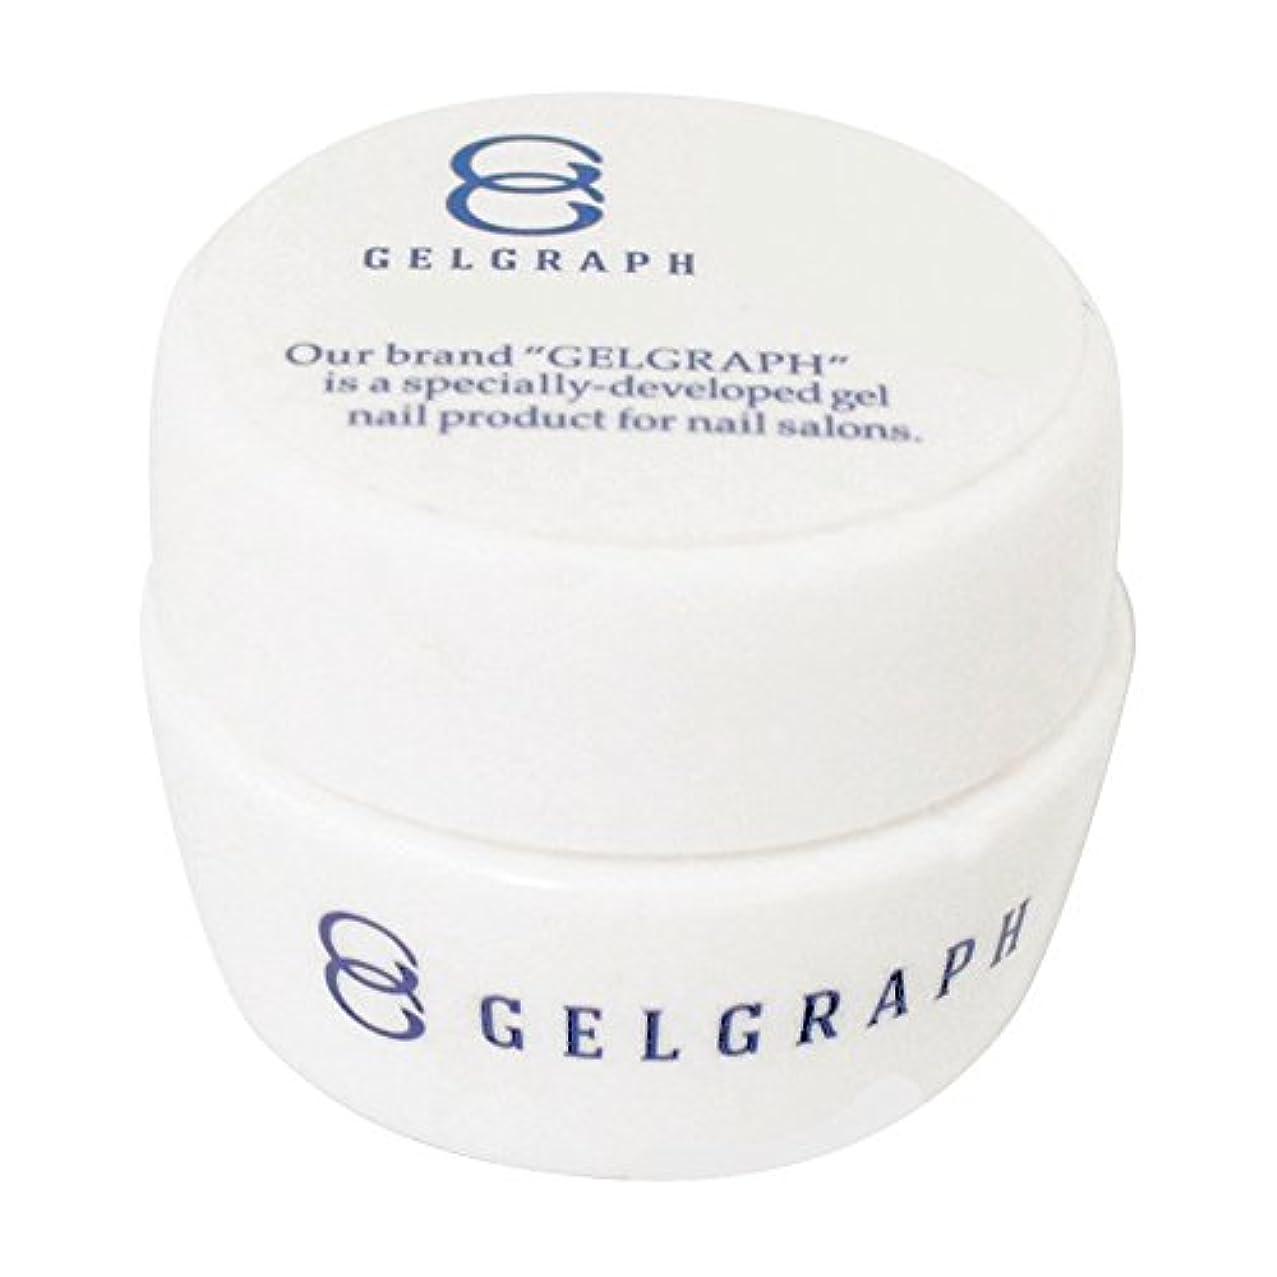 毎回バラ色行動GELGRAPH カラージェル 114M ミントピア 5g UV/LED対応 ソークオフジェル